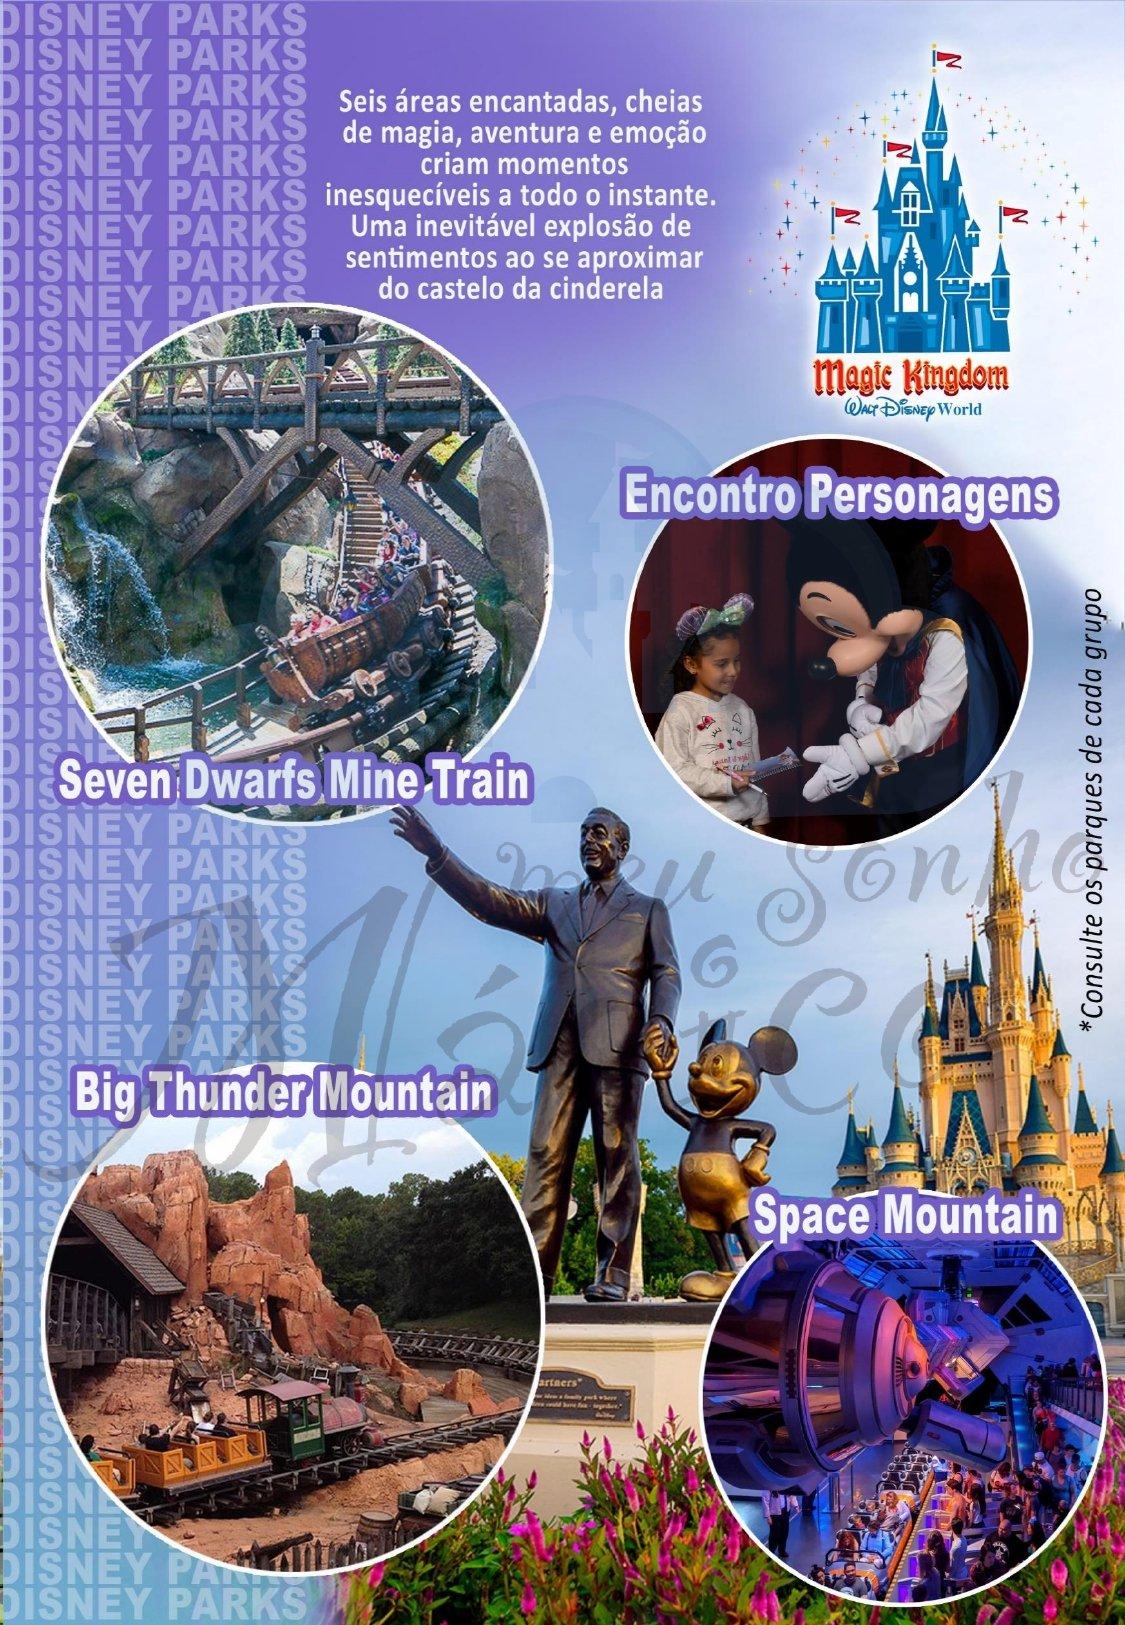 Grupo Family Inverno - Disney Janeiro 2022 8